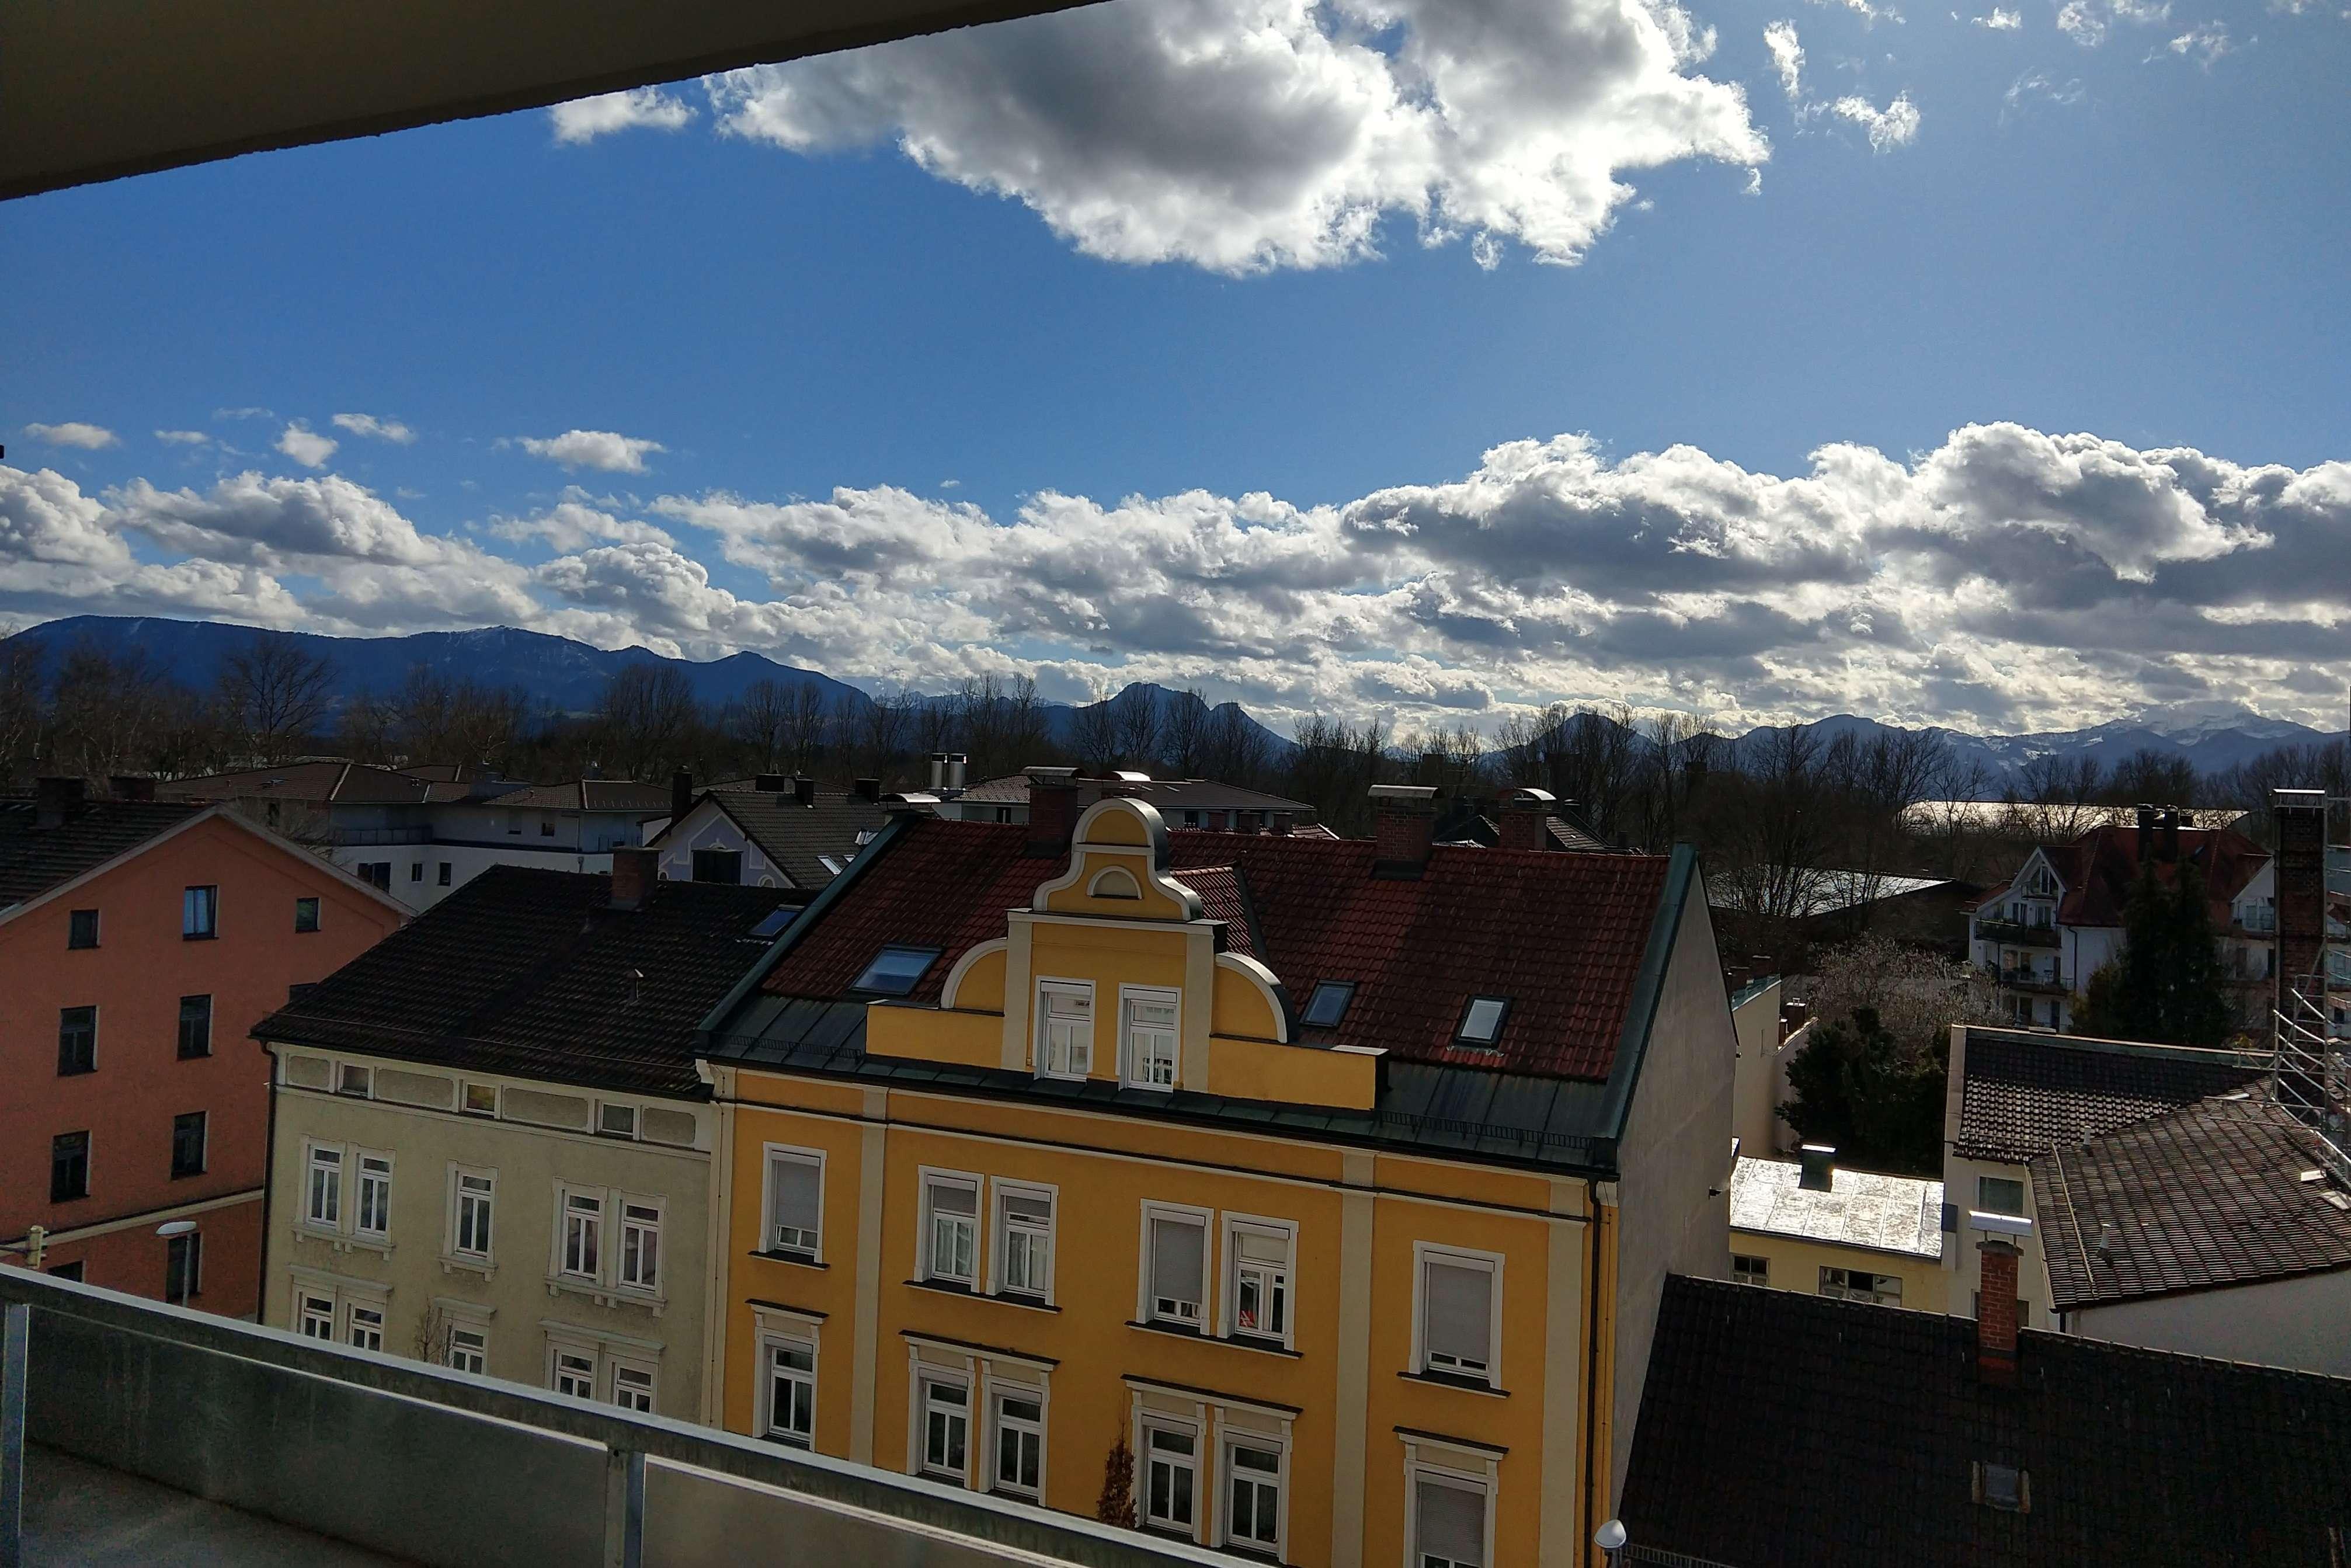 Sonnige 2-Zi-Wohnung im 5. OG mit Bergblick in zentraler Lage in Rosenheim-Innenstadt (Rosenheim)